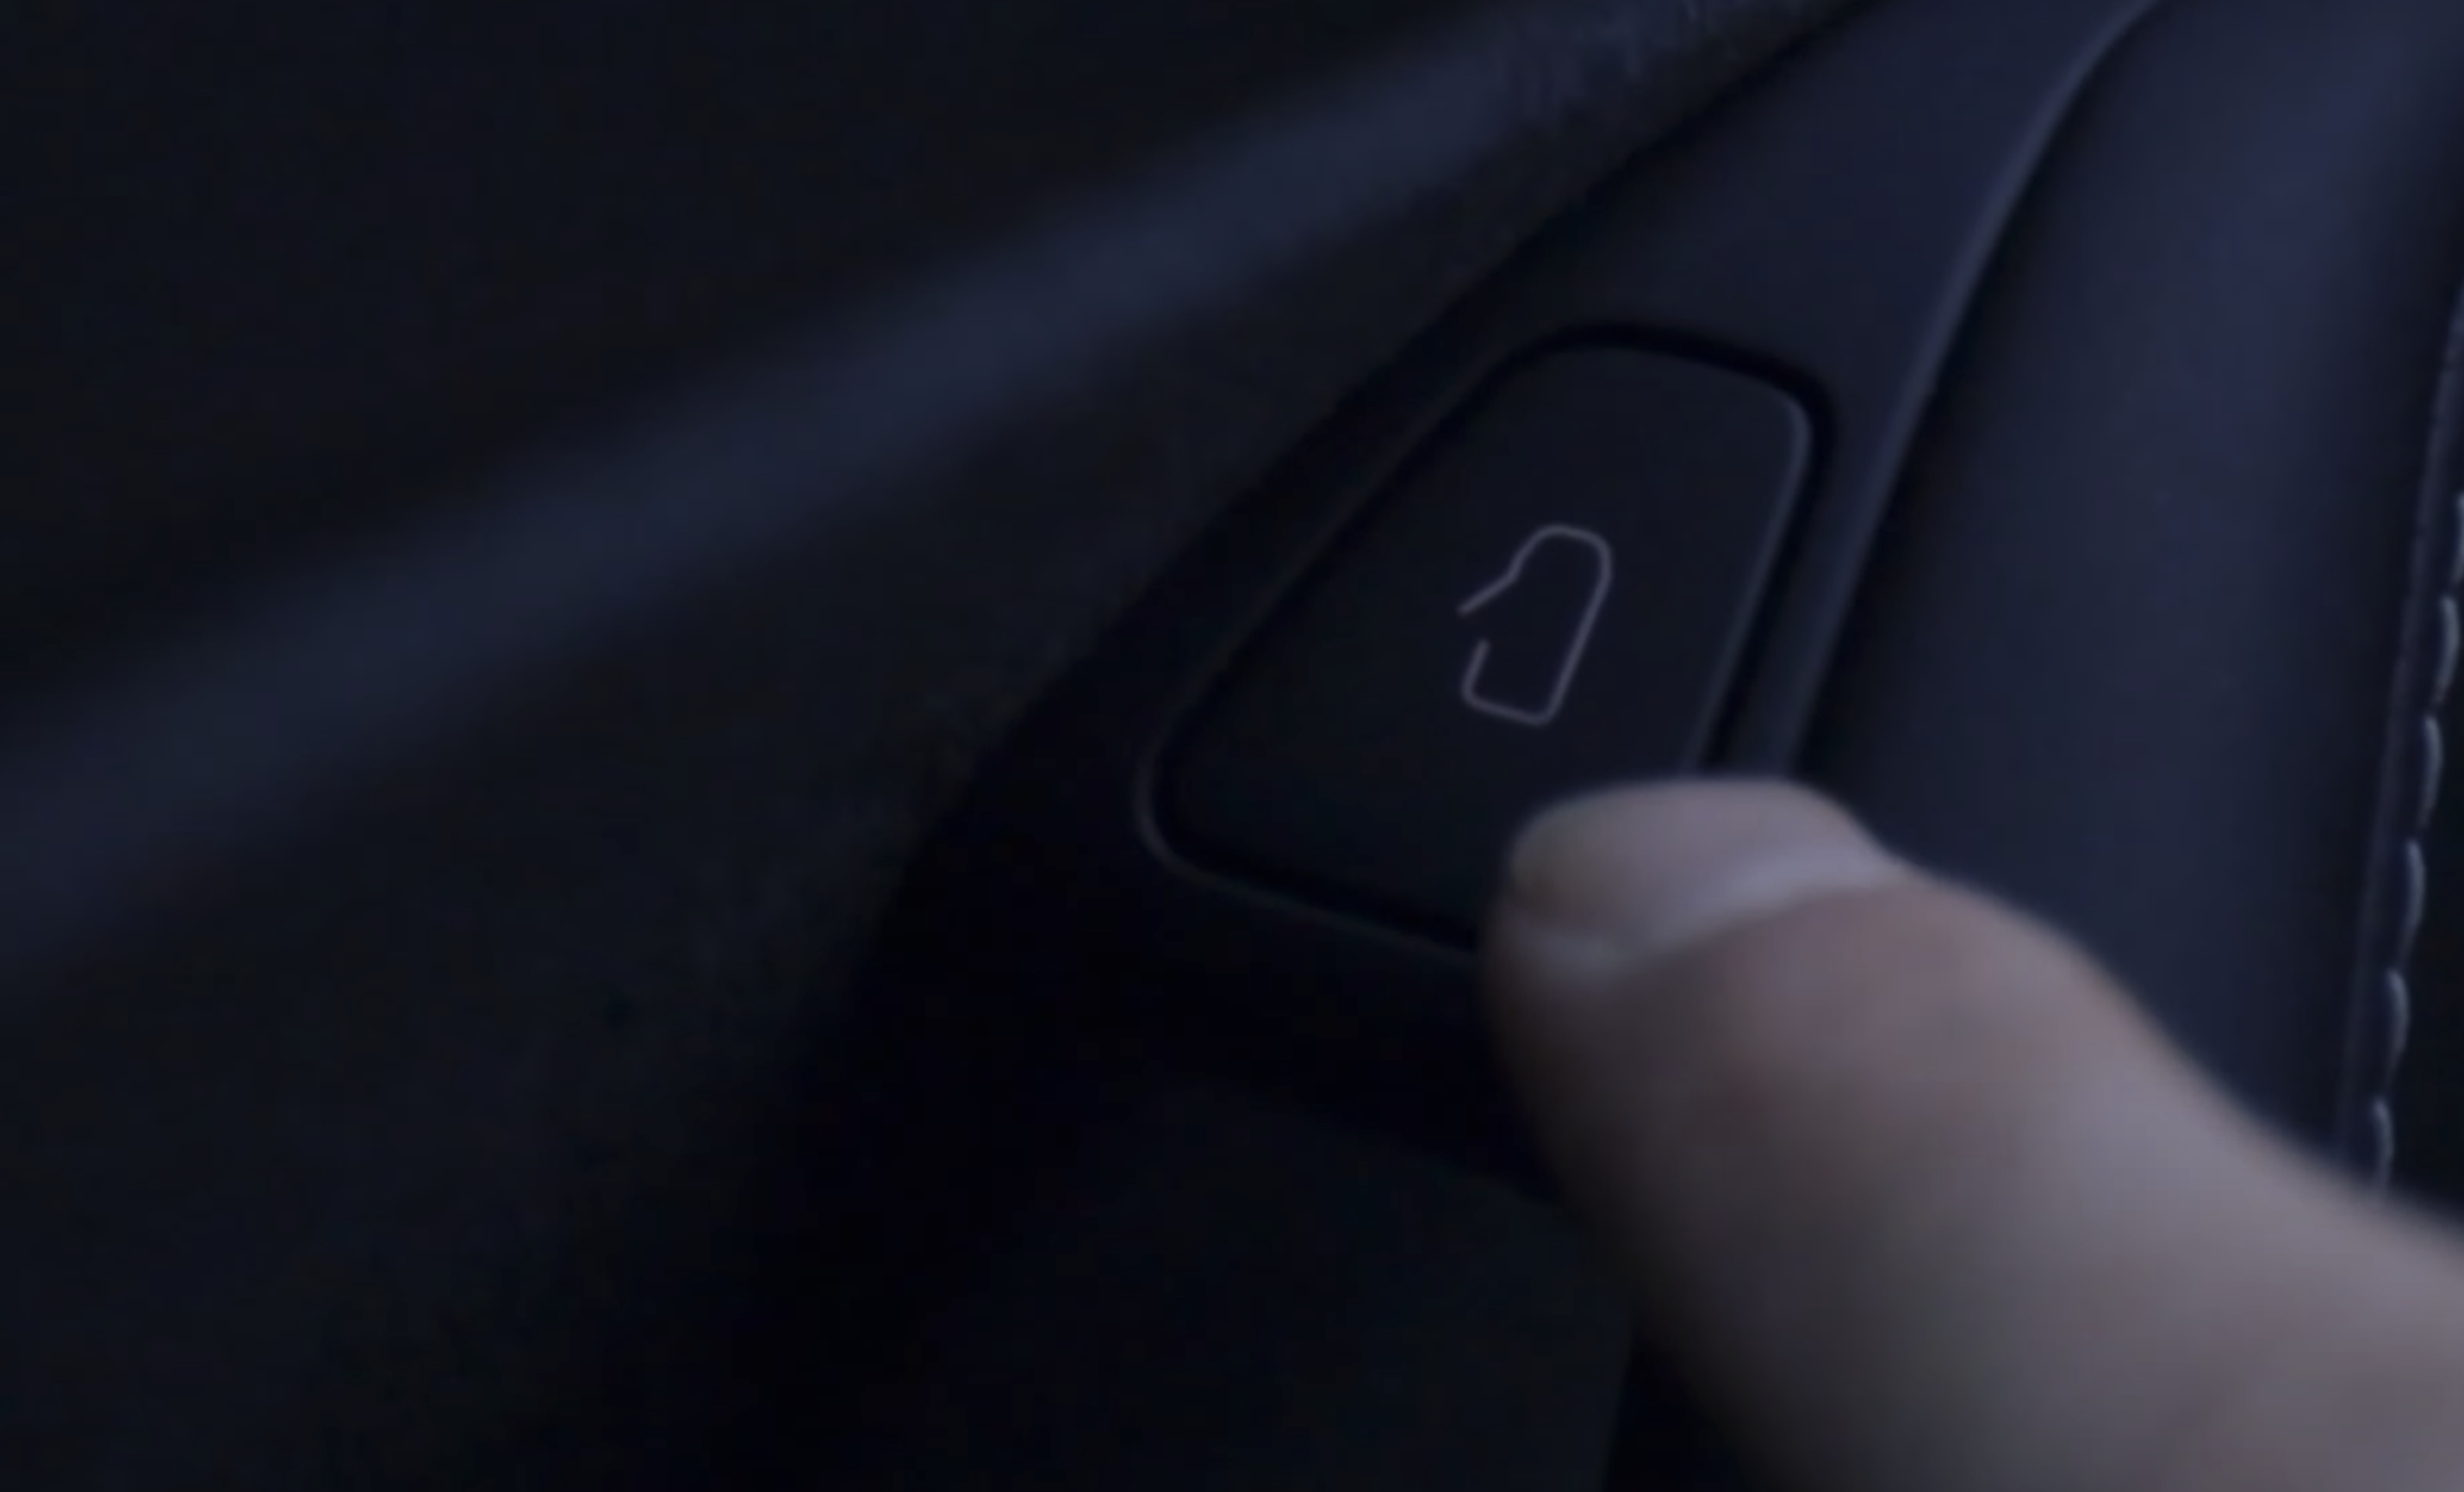 tesla-model-3-door-icons-buttons